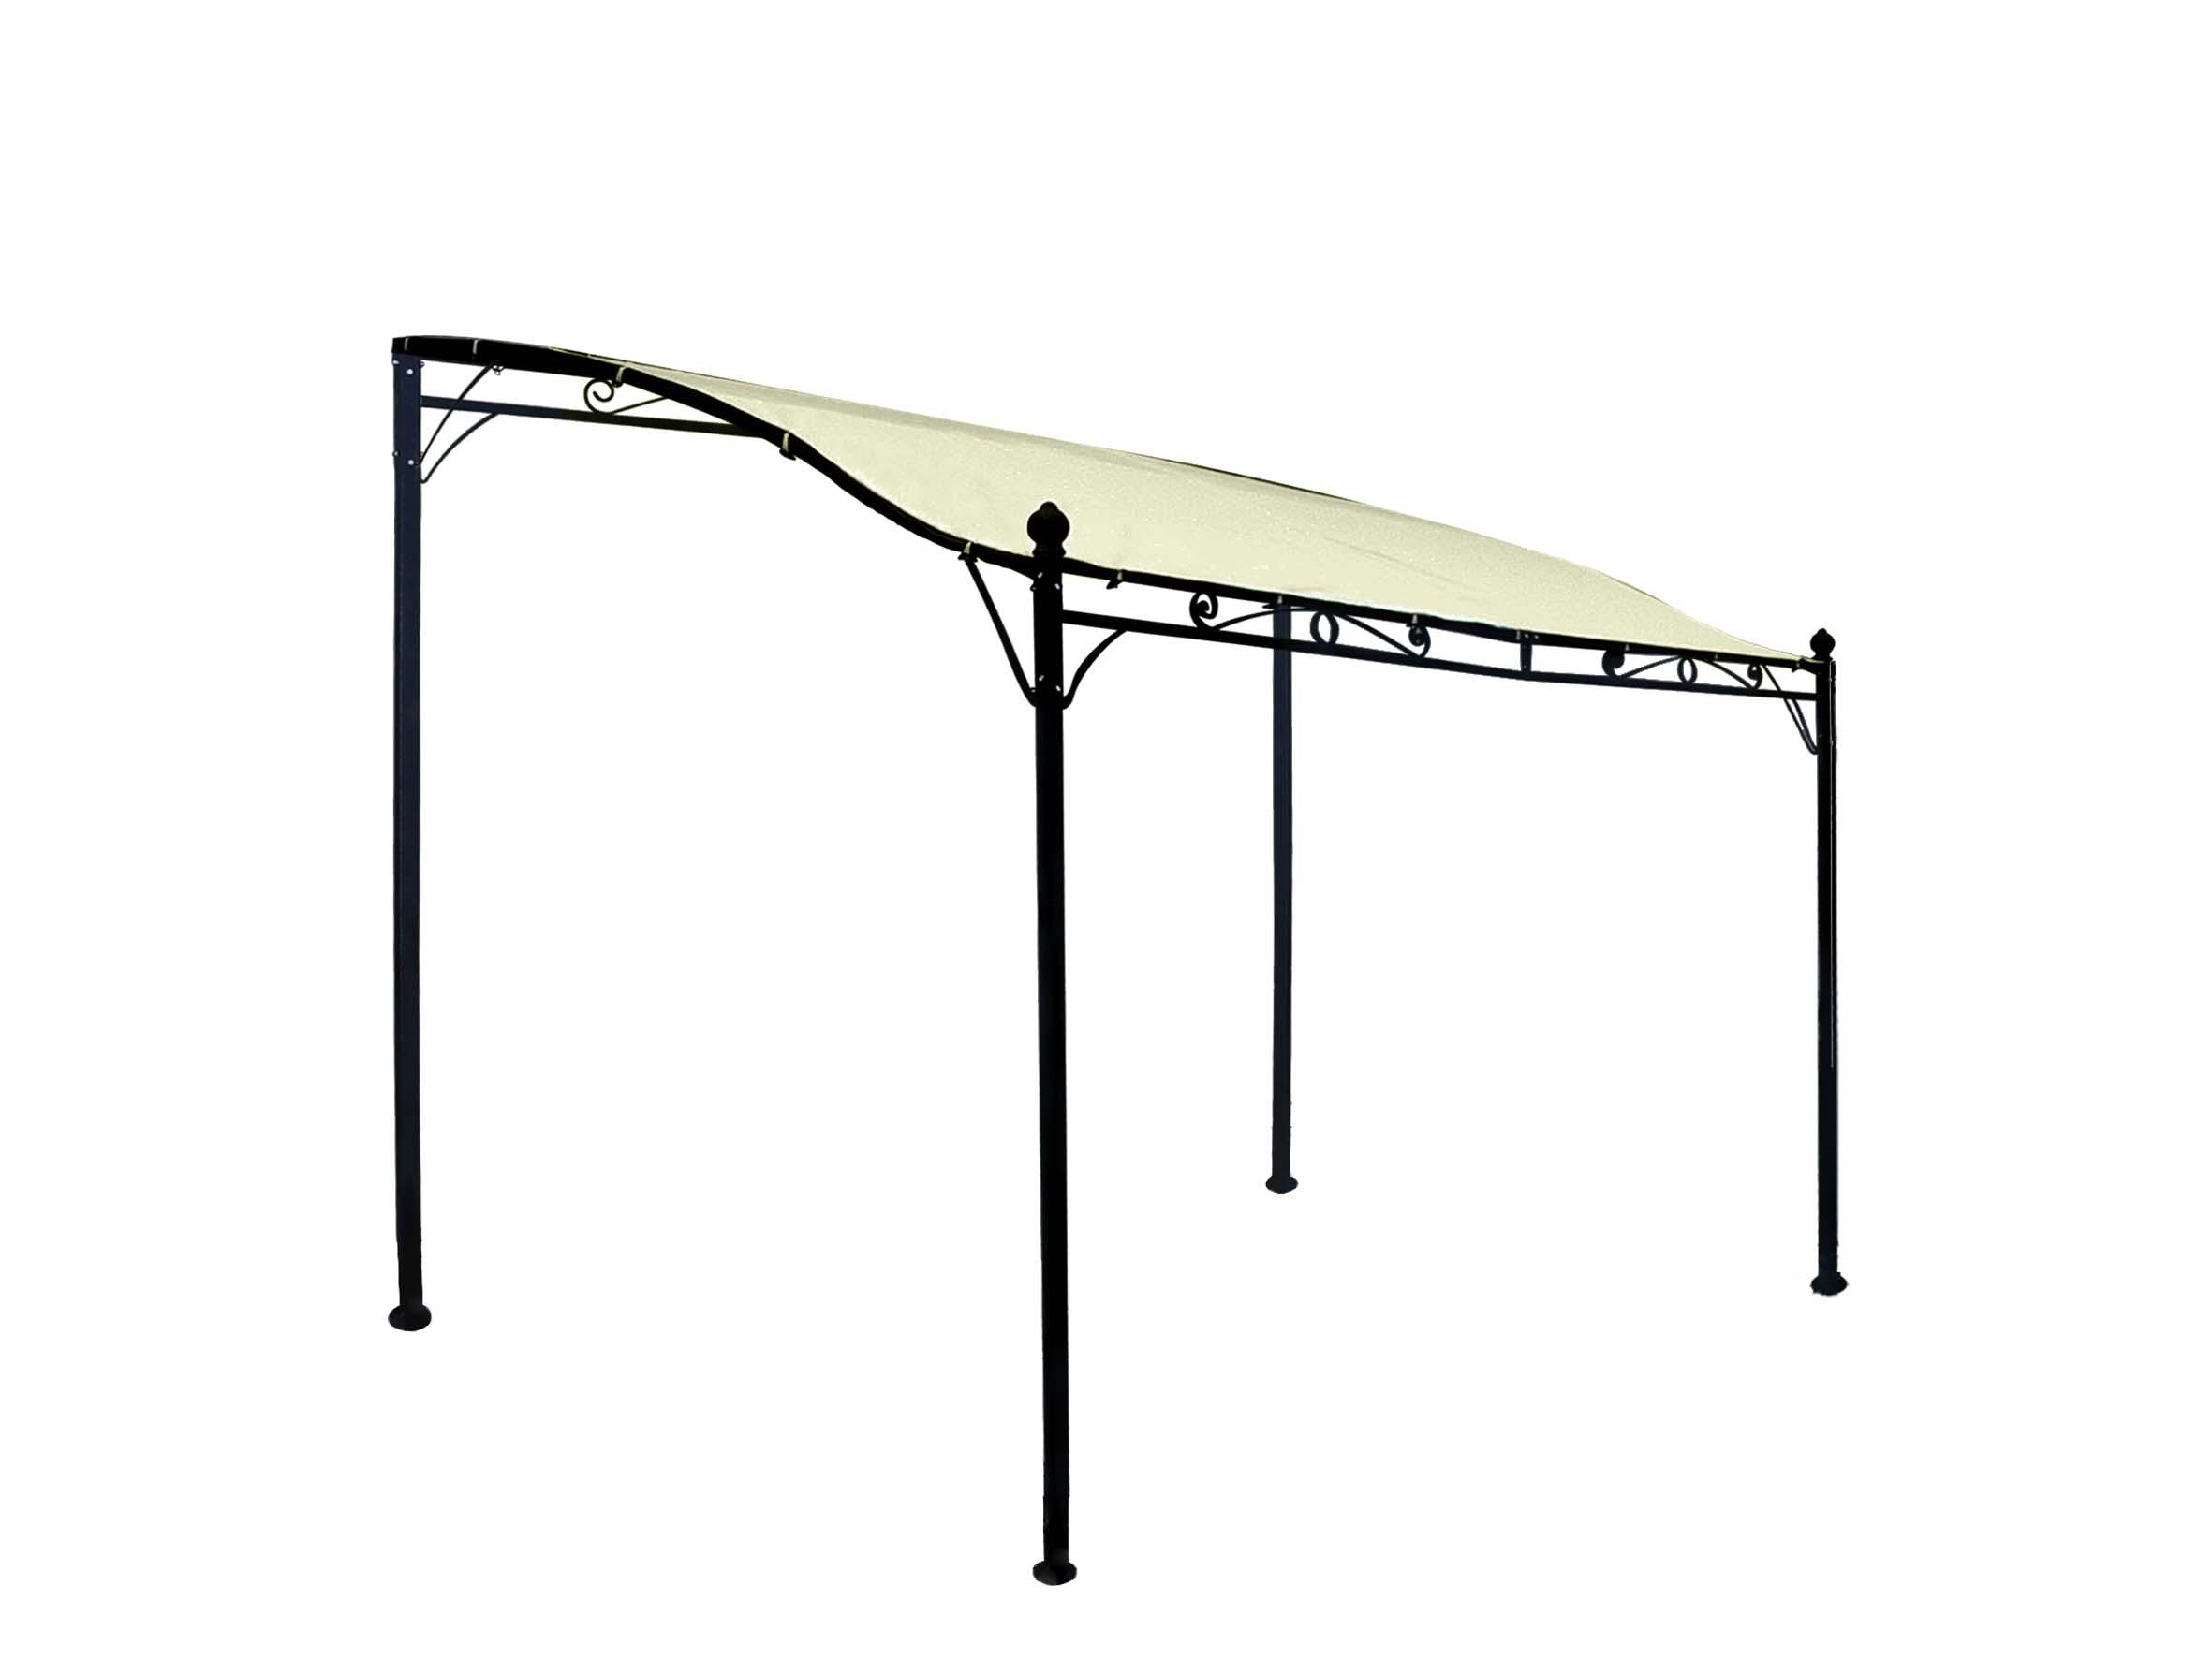 Anbaupavillon MANTOVA 3x2,5 Meter, Stahl dunkel, Plane PVC-beschichtet écru